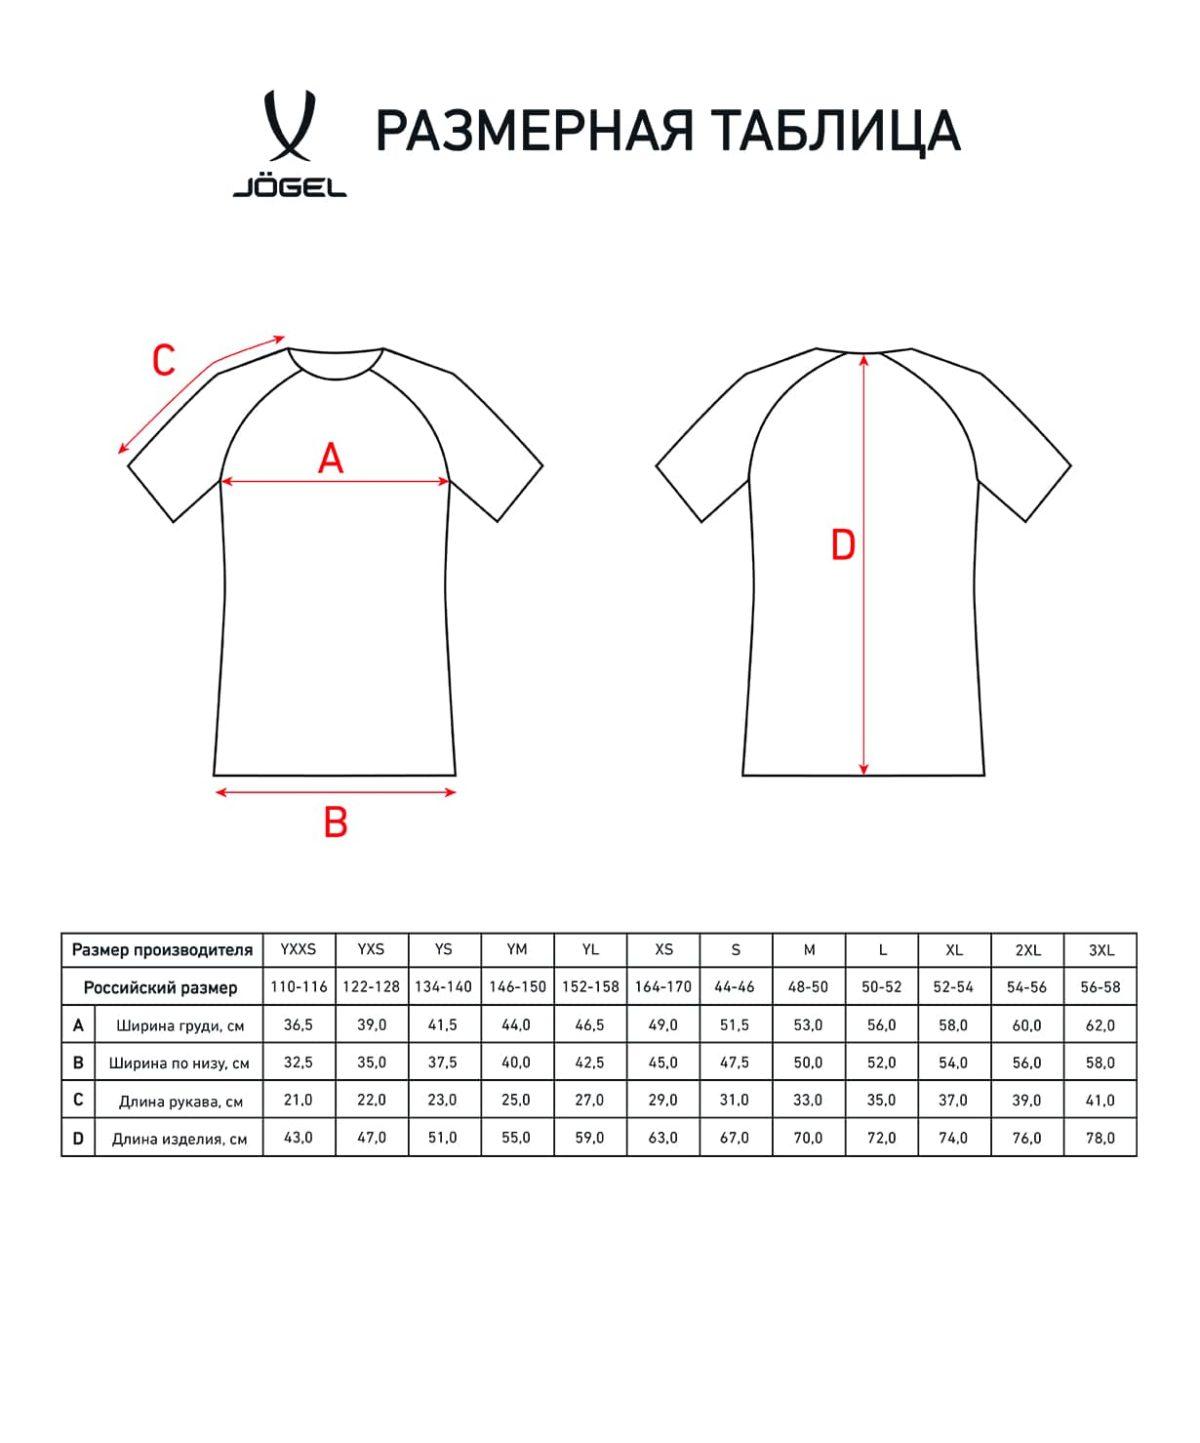 JOGEL CAMP Reglan футболка футбольная, синий/белый  JFT-1021-071 - 4